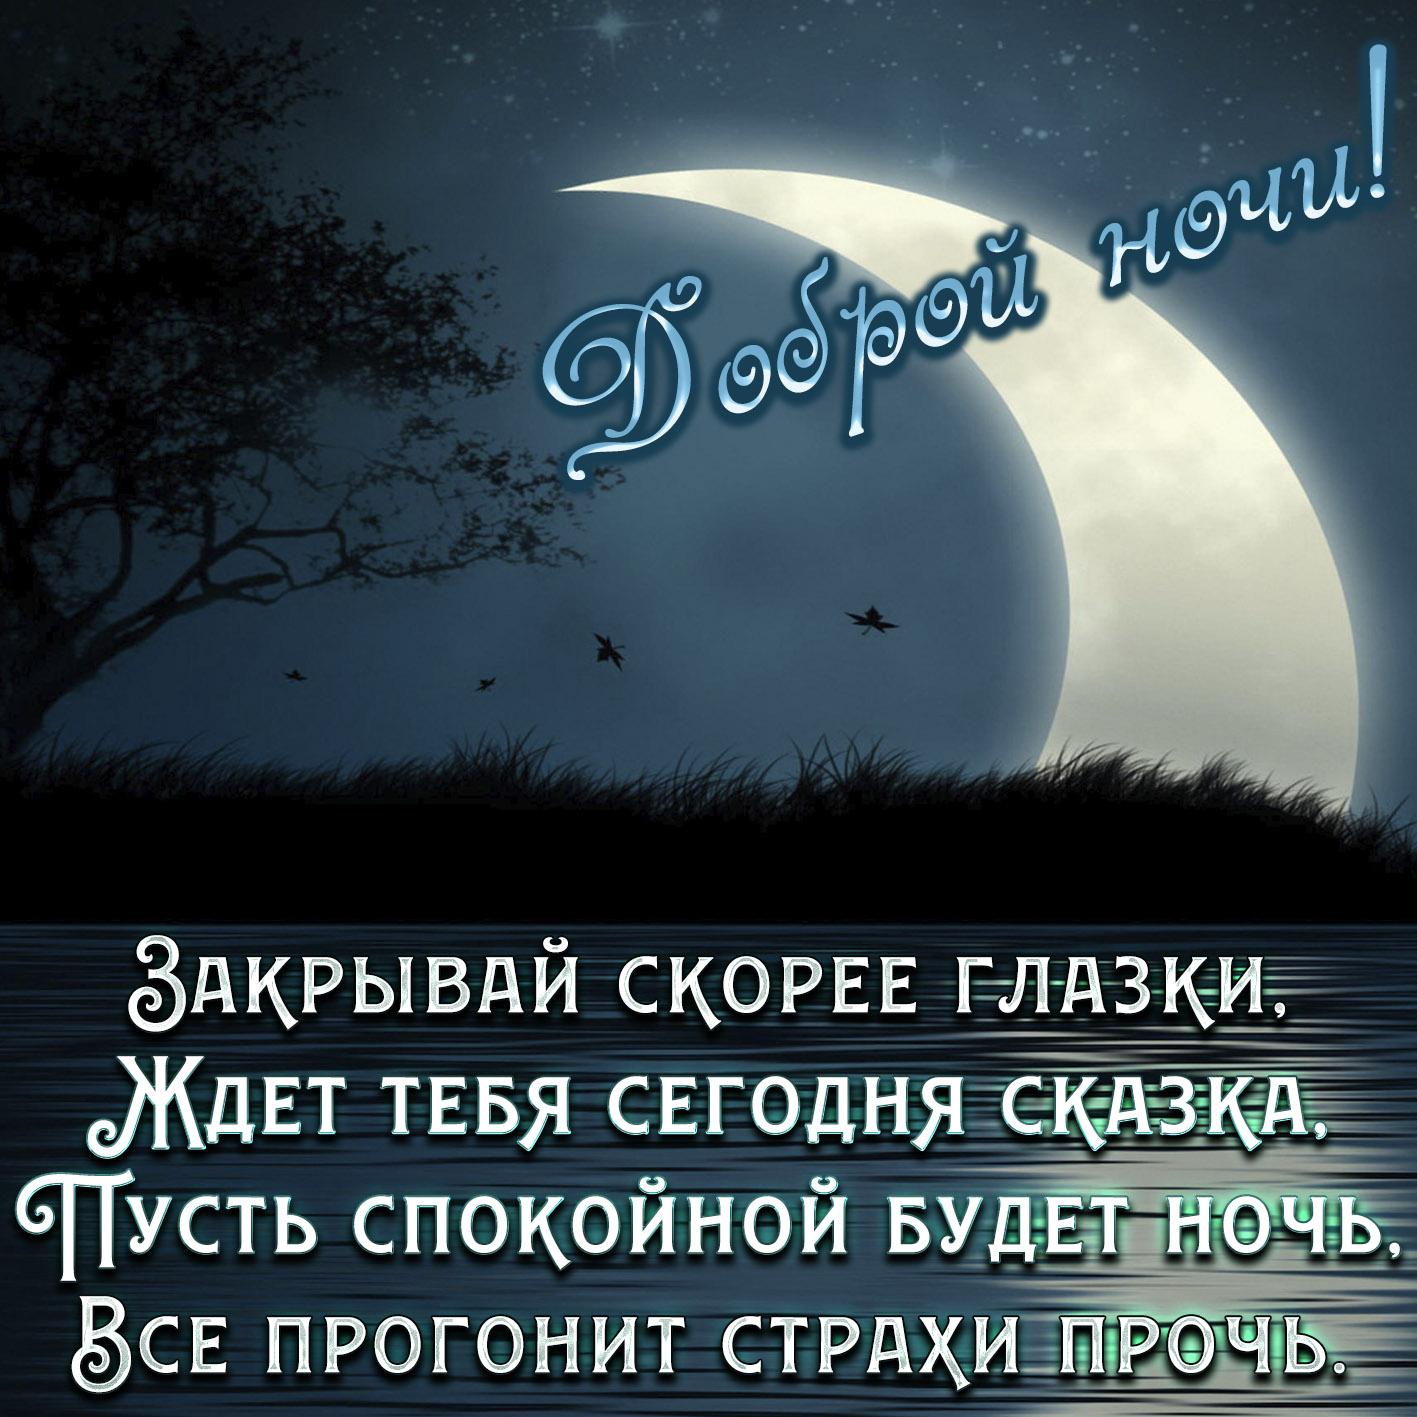 Картинки доброй ночи с текстом философским